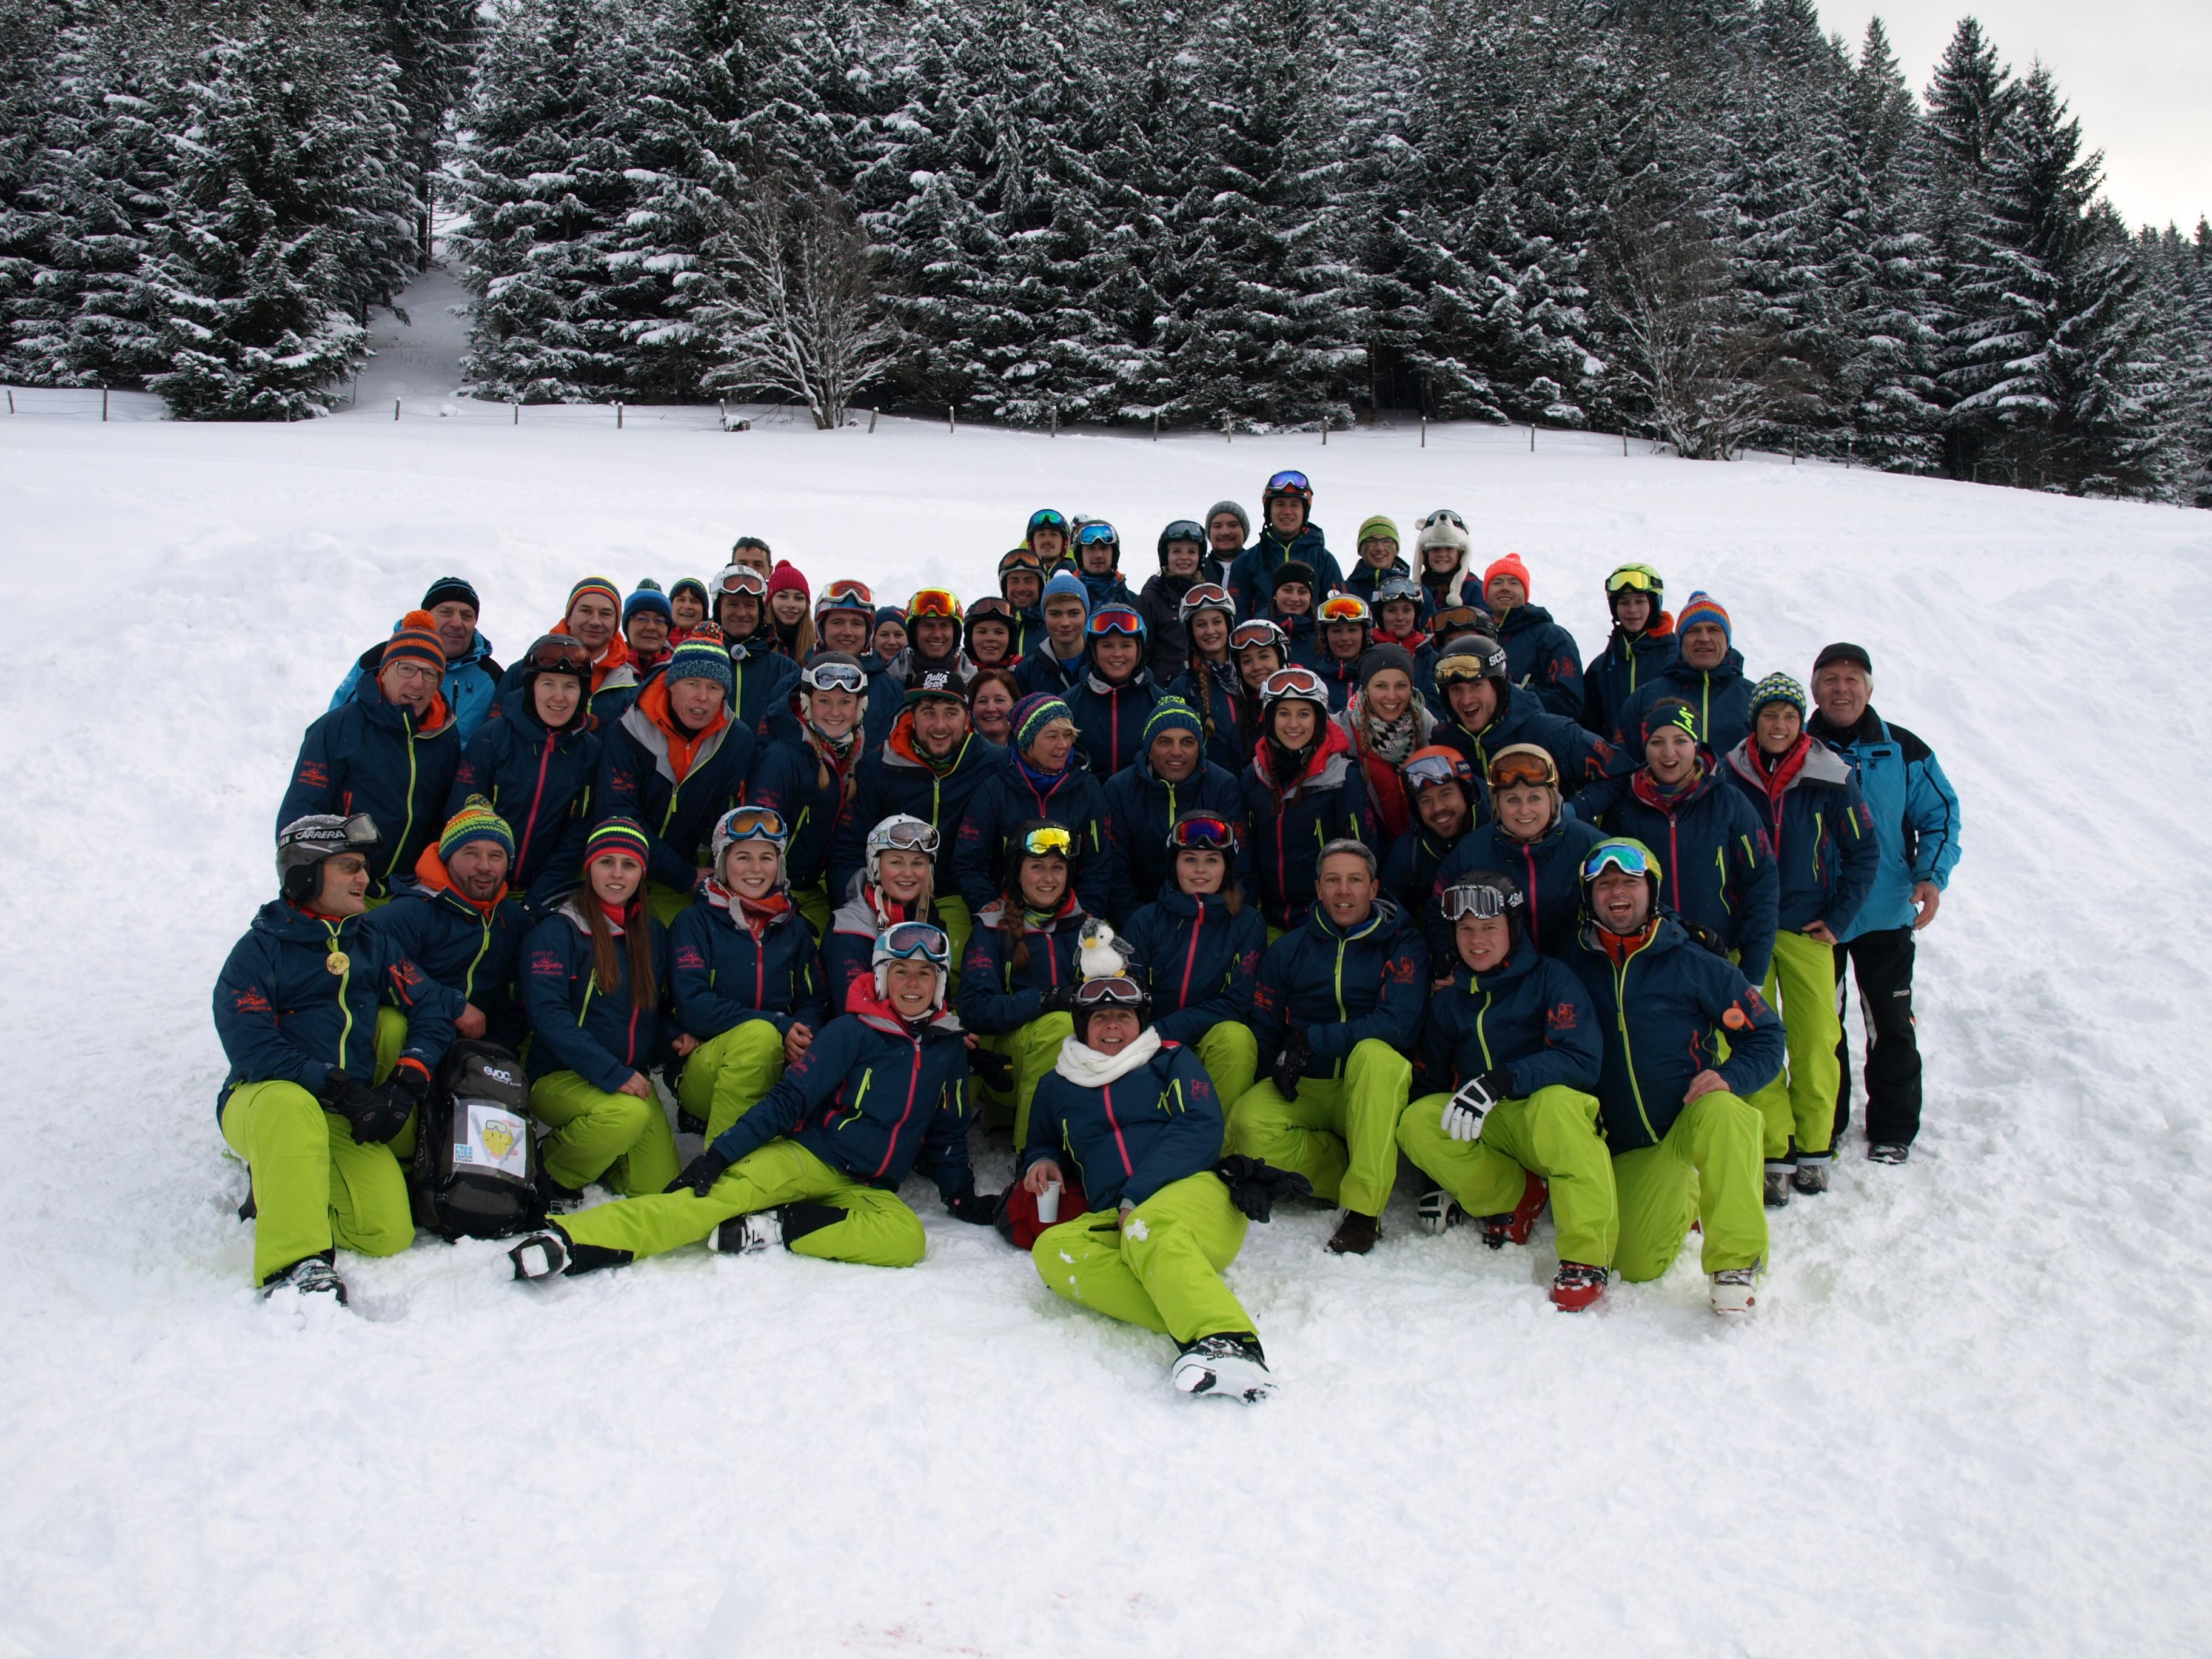 2016-01-Skikurs-Anfang-Tag-4-025-1